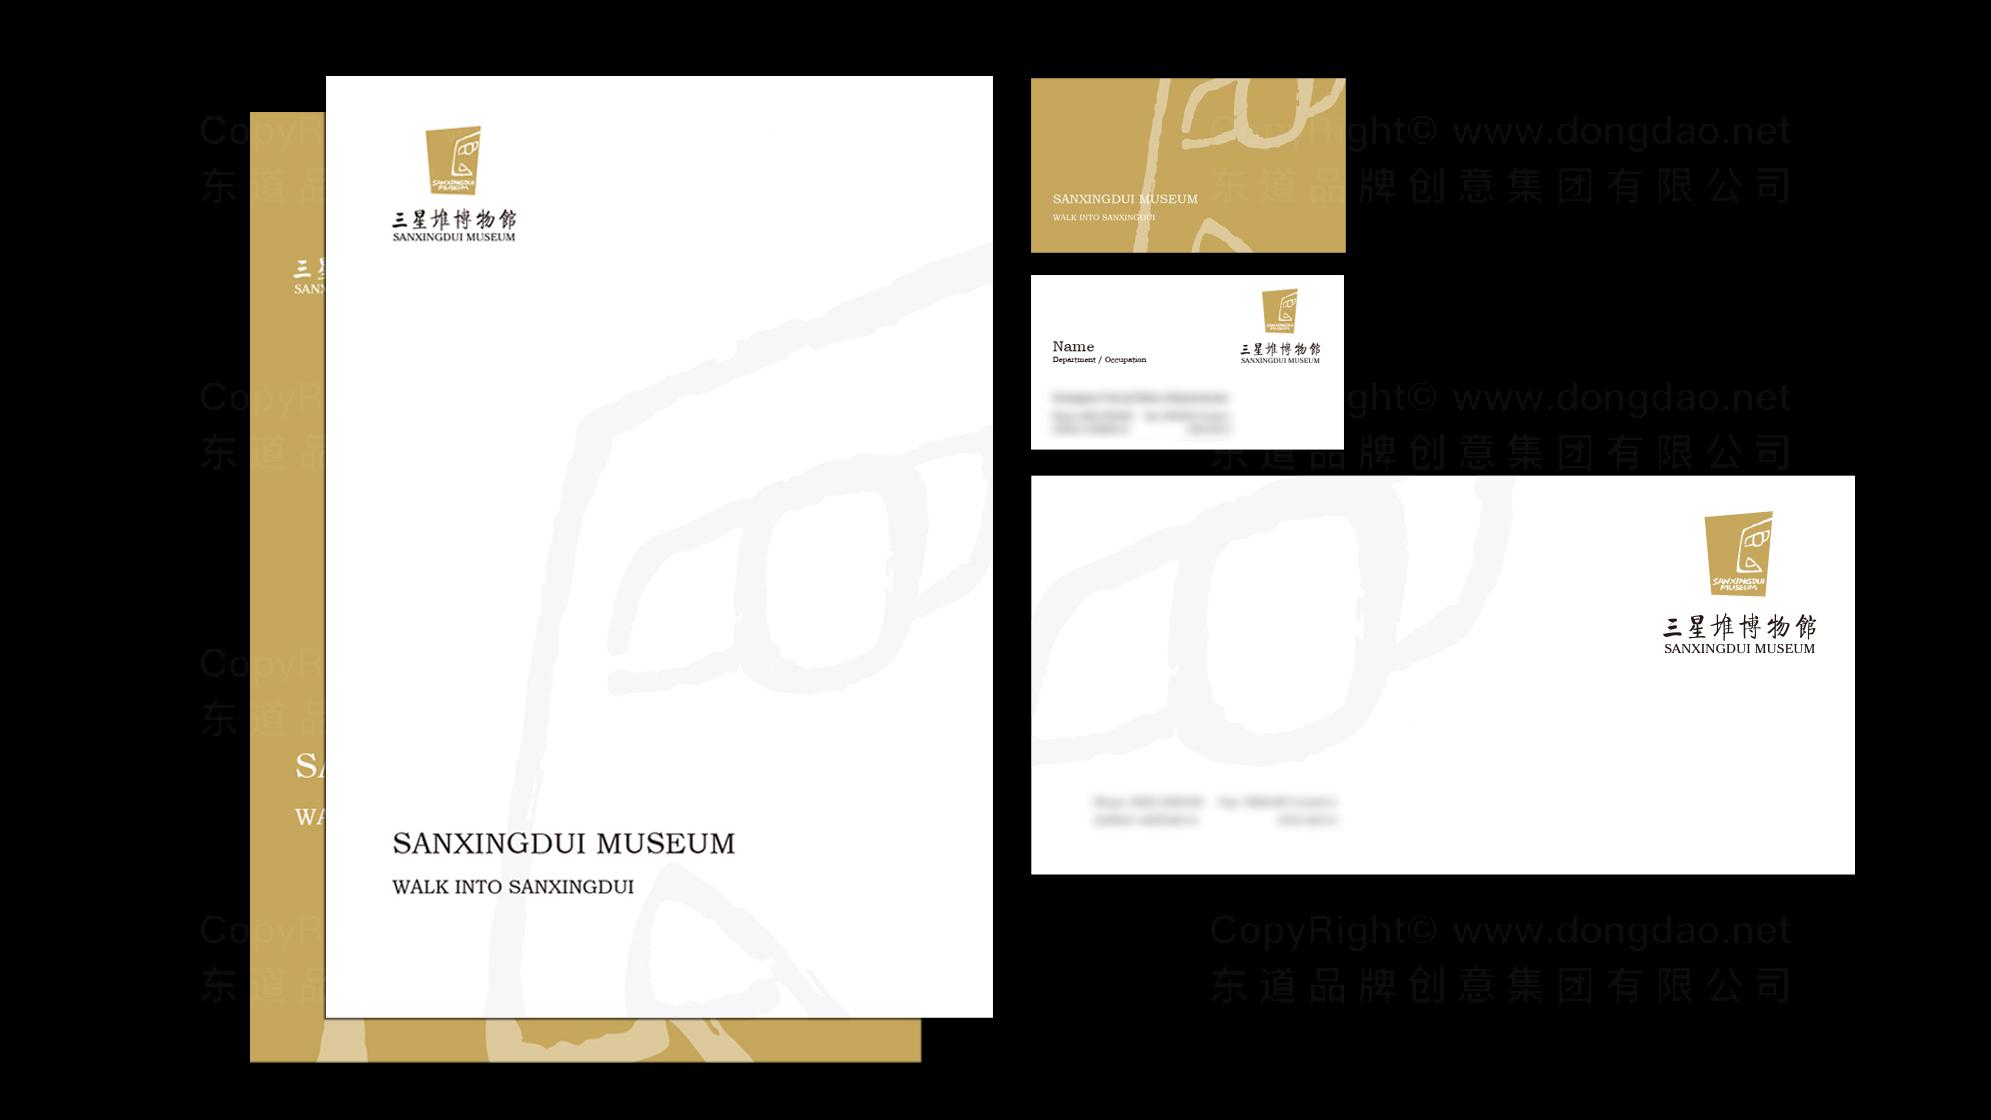 品牌设计三星堆博物馆LOGO&VI设计应用场景